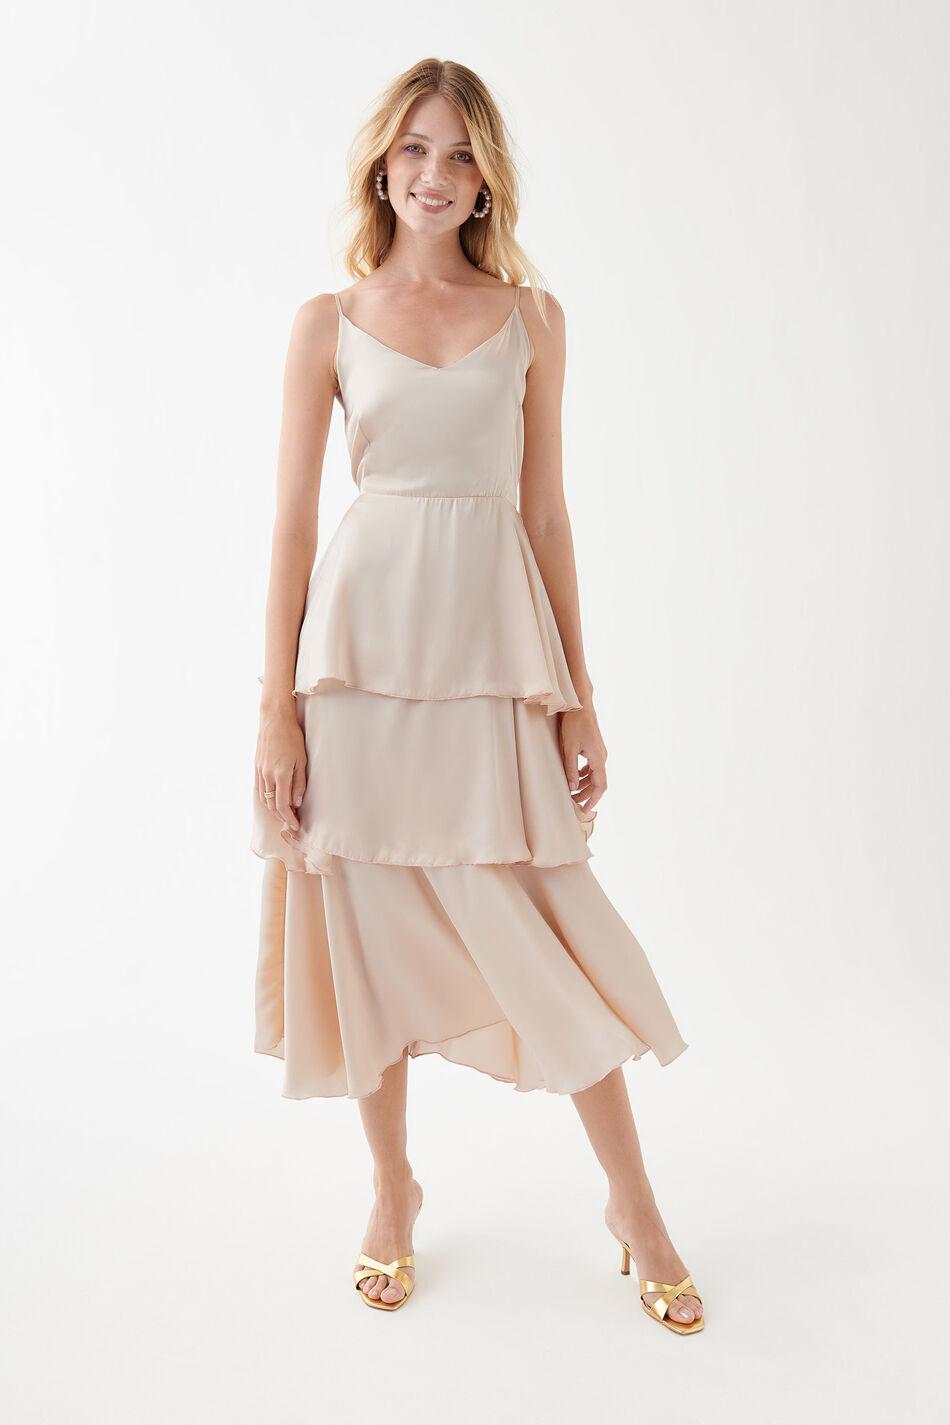 Gina Tricot Anja strap dress